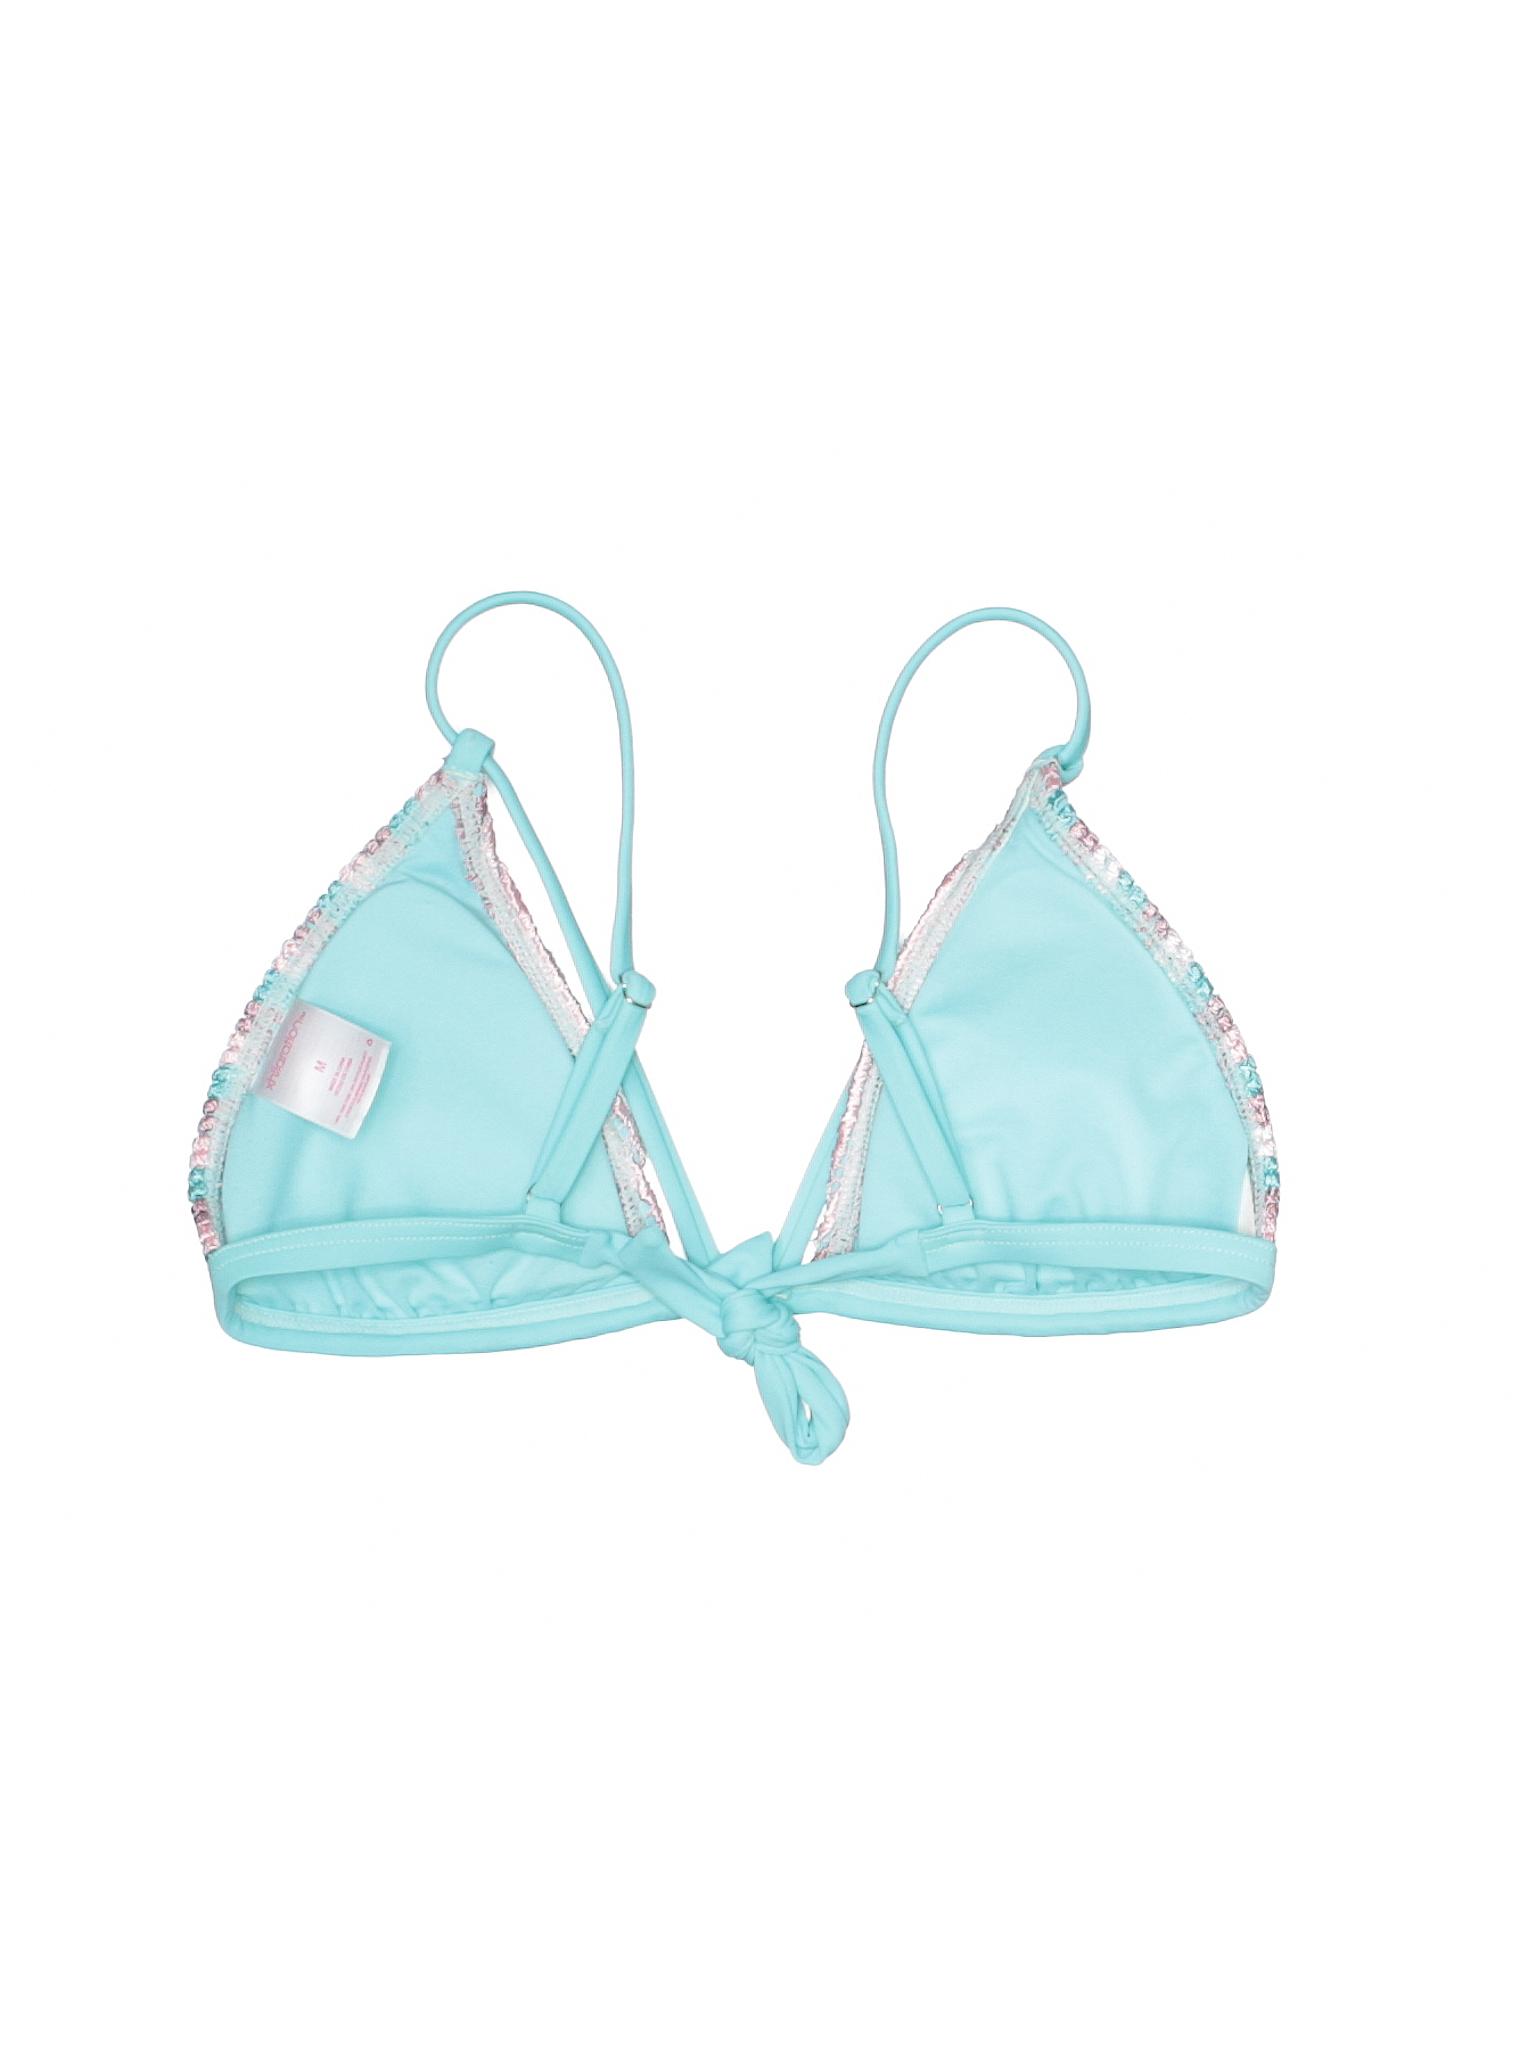 Top Xhilaration Boutique Xhilaration Xhilaration Top Swimsuit Swimsuit Boutique Boutique d8qyIwfq